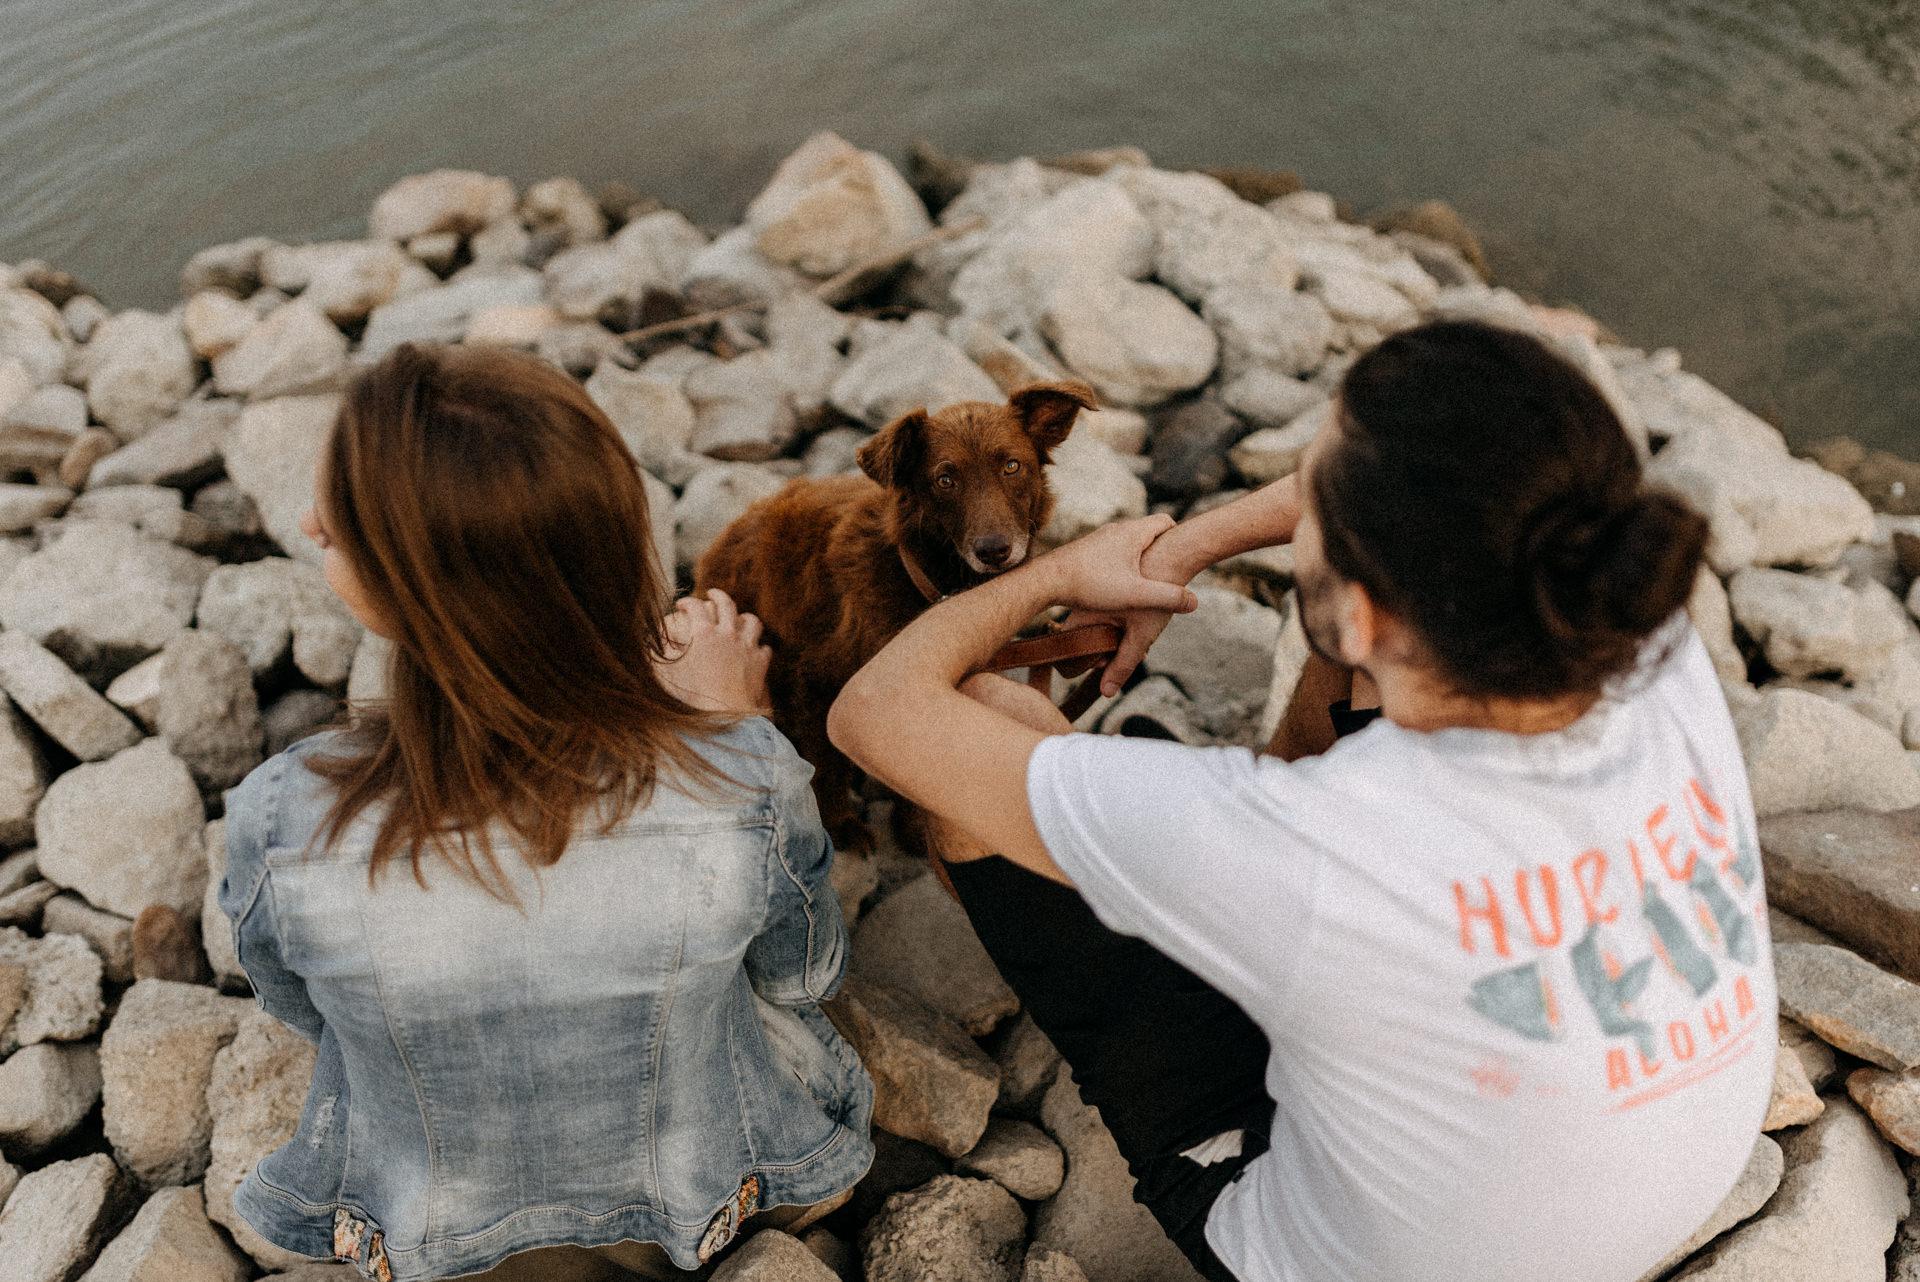 jegyes fotozas kutyaval